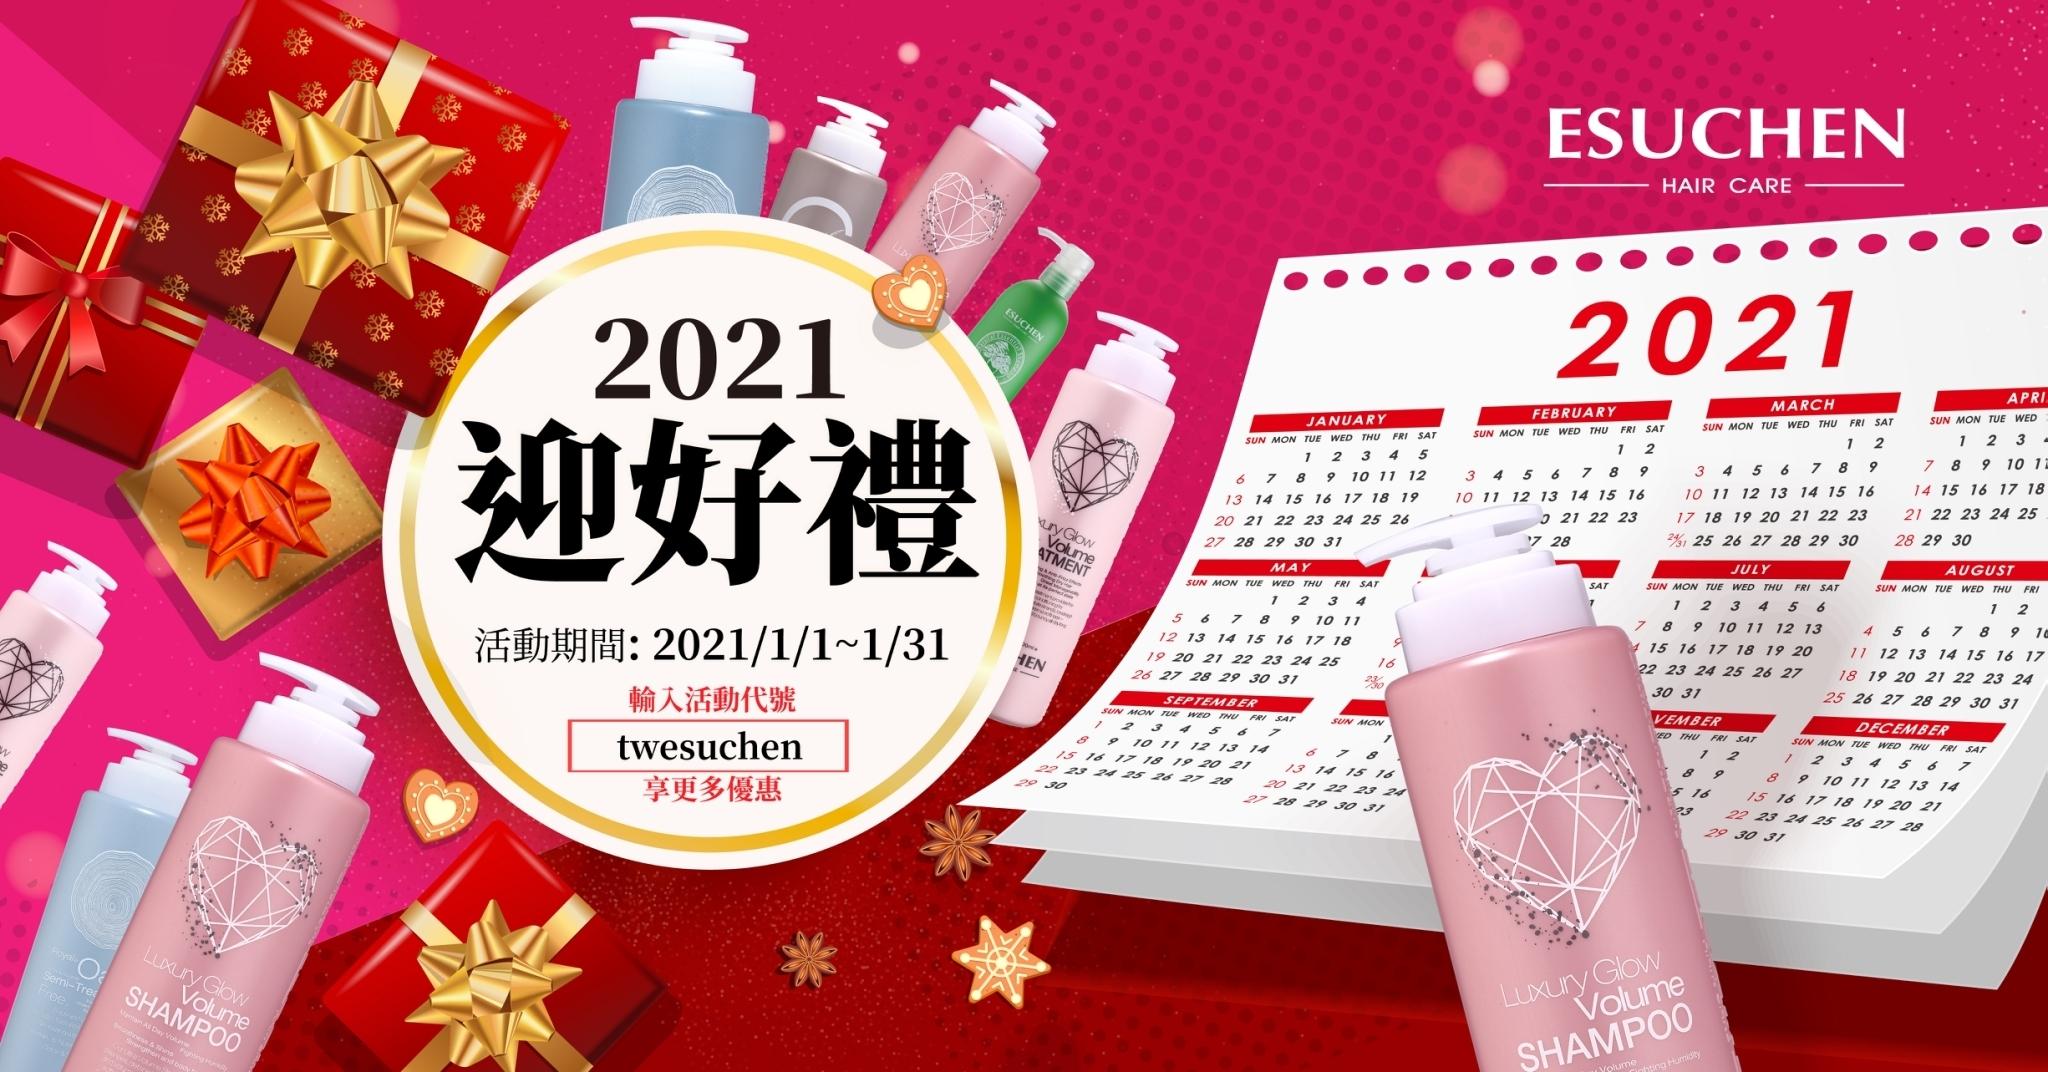 藝思晨新年迎好禮輸入活動代碼享更多優惠